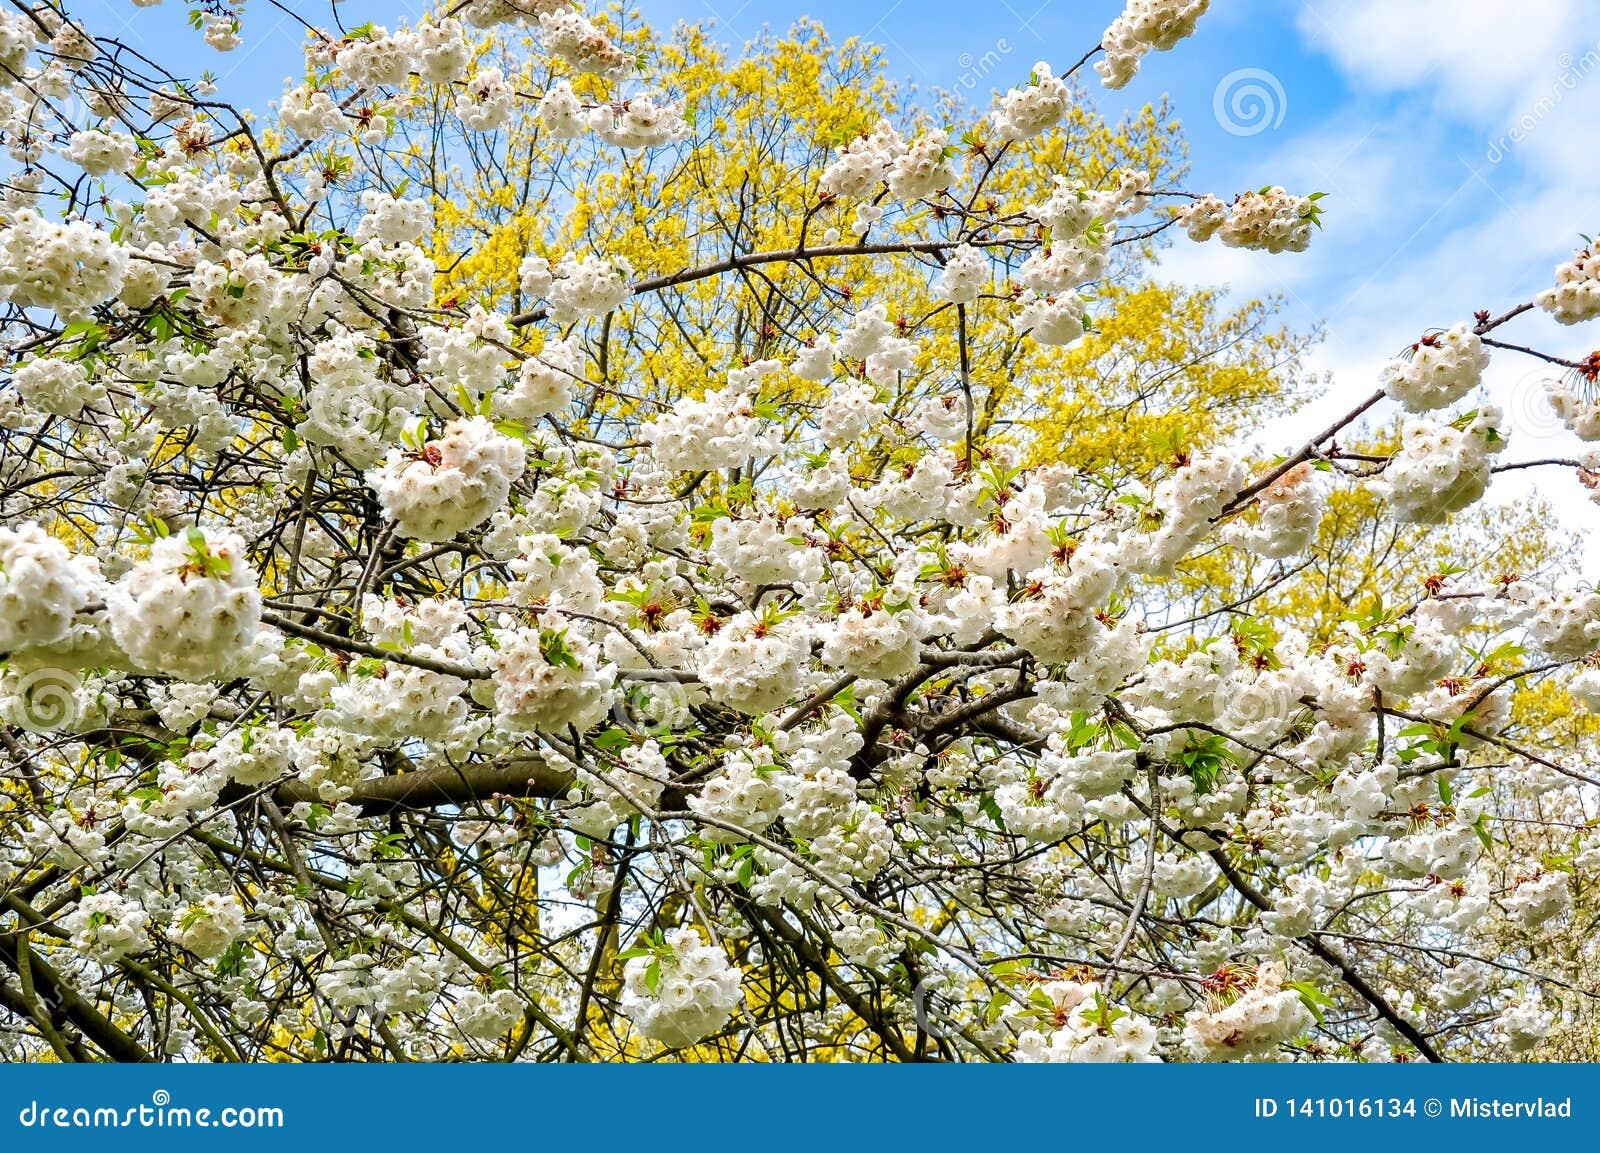 Jardin botanique de Kew au printemps, Londres, Royaume-Uni